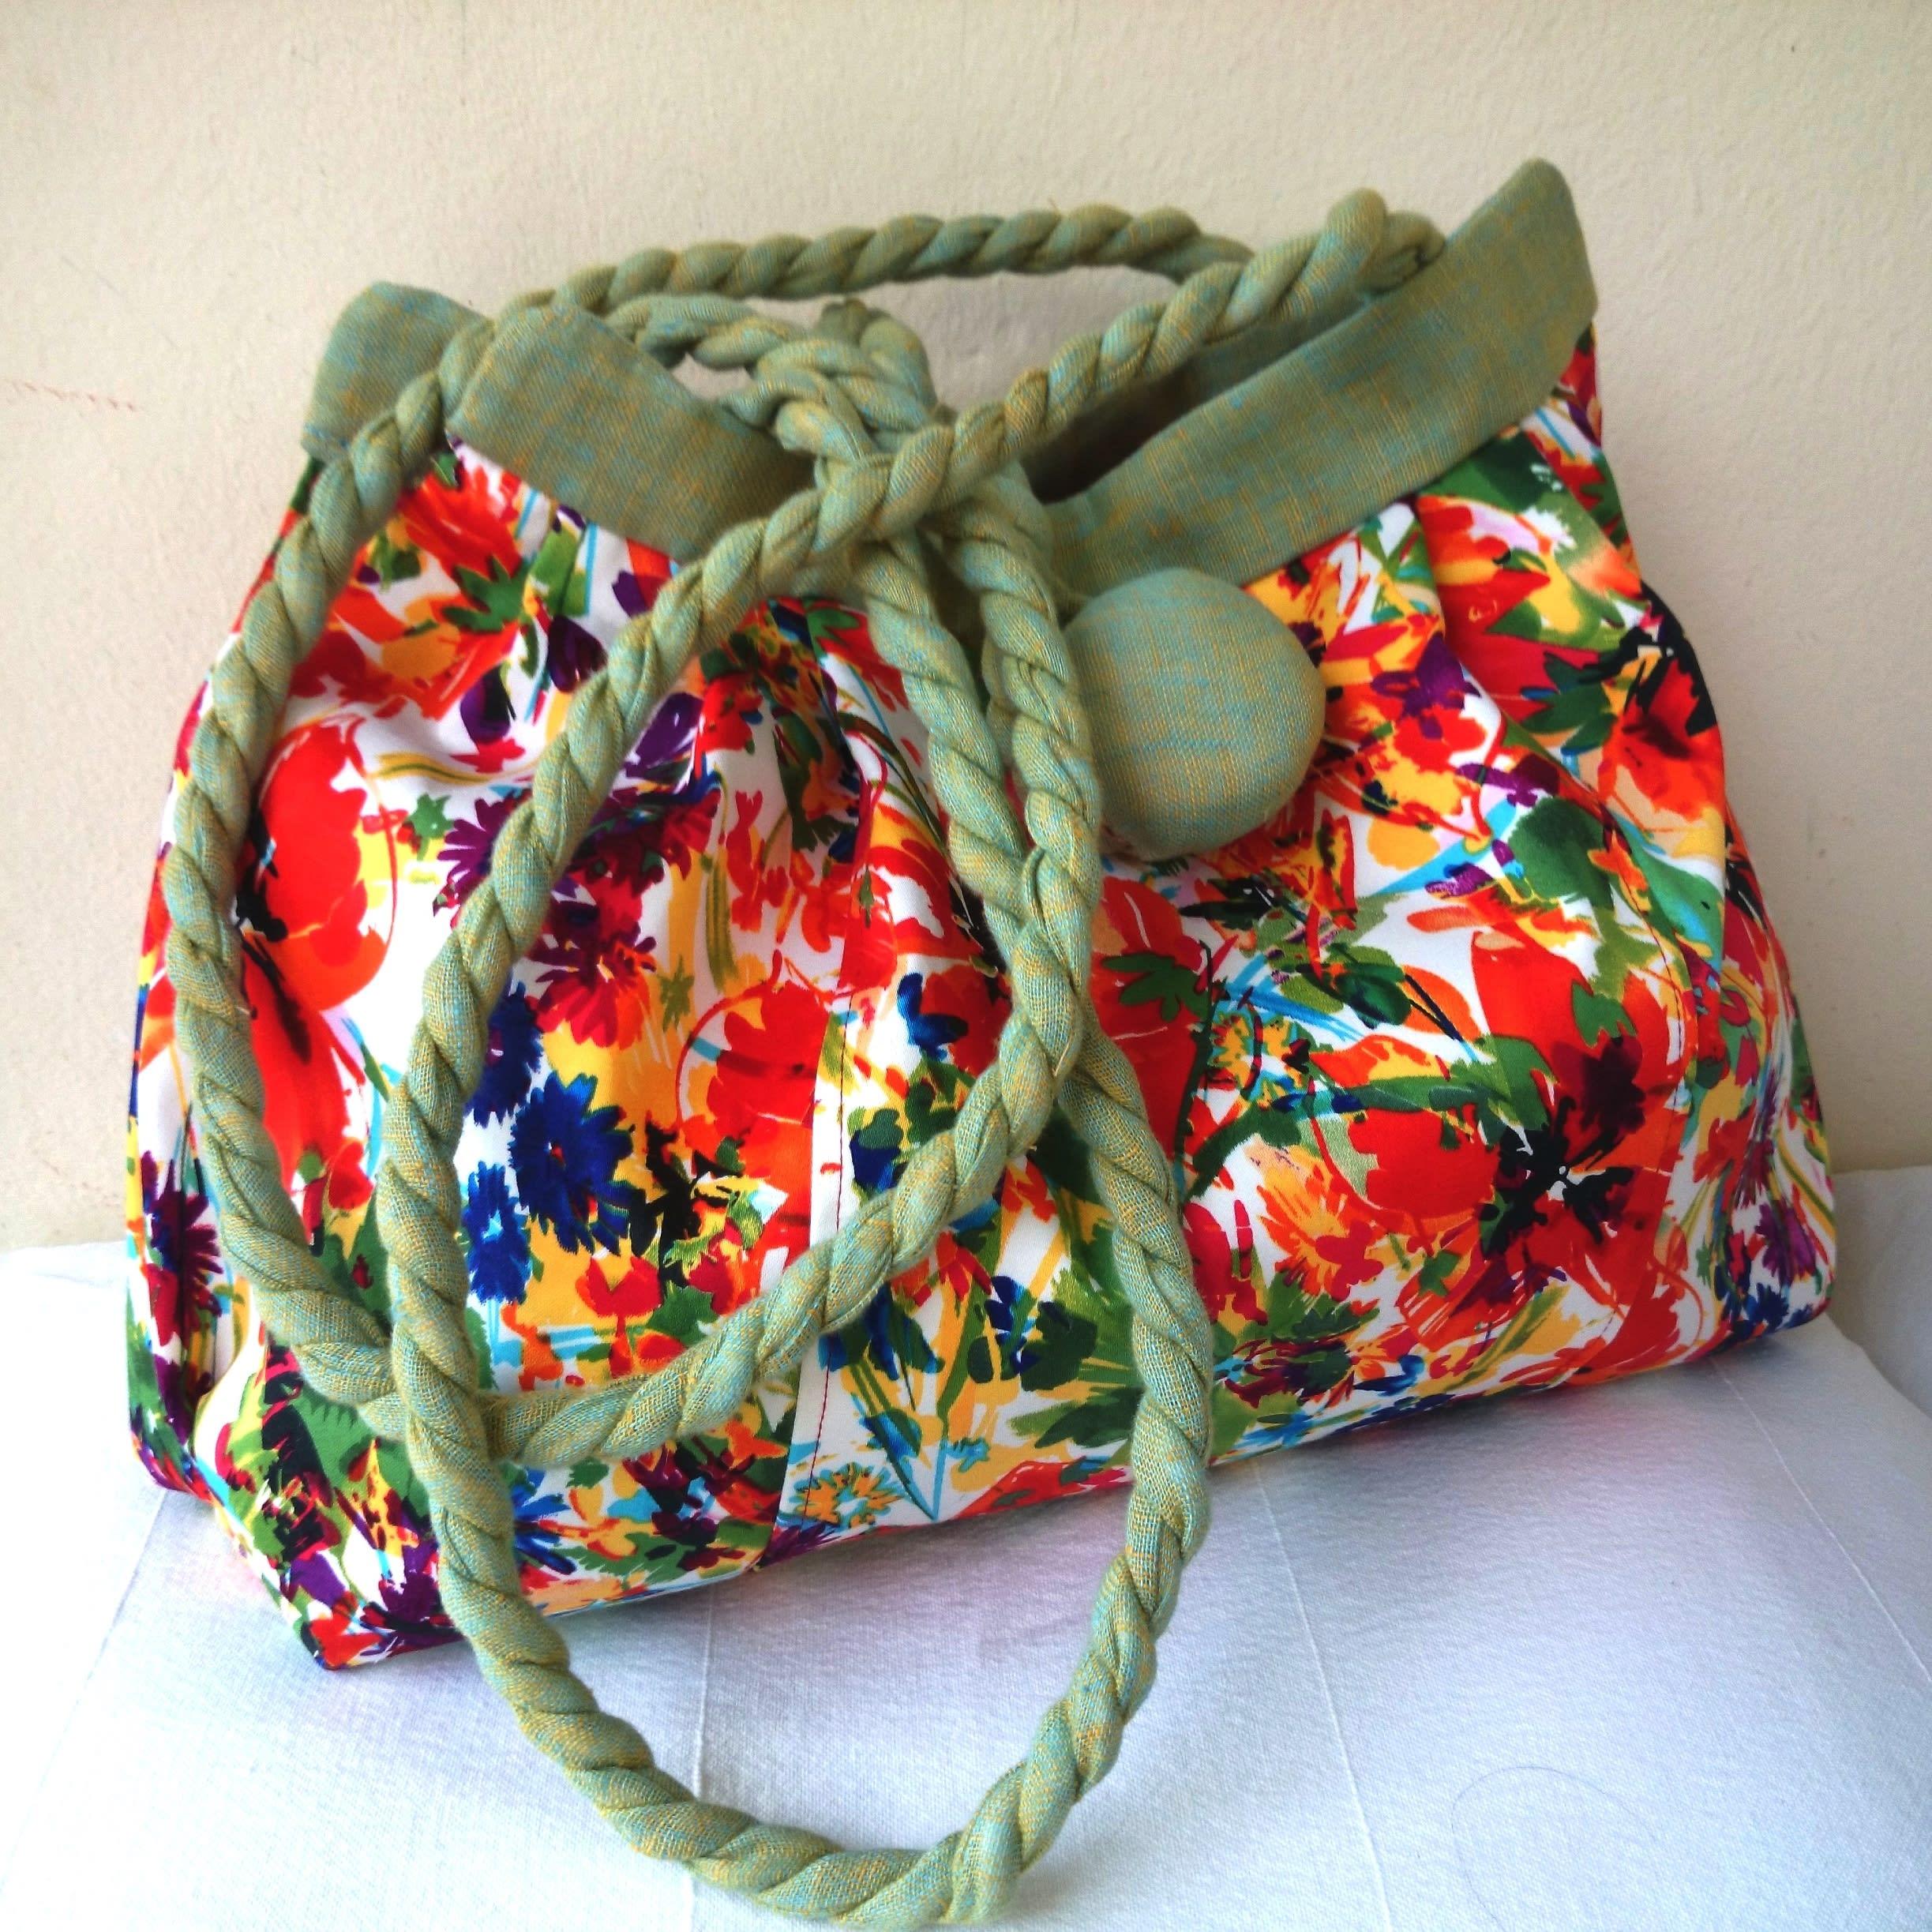 Sac bandoulière vert tendre et fleurs rouge, sacs à main chic et tendance